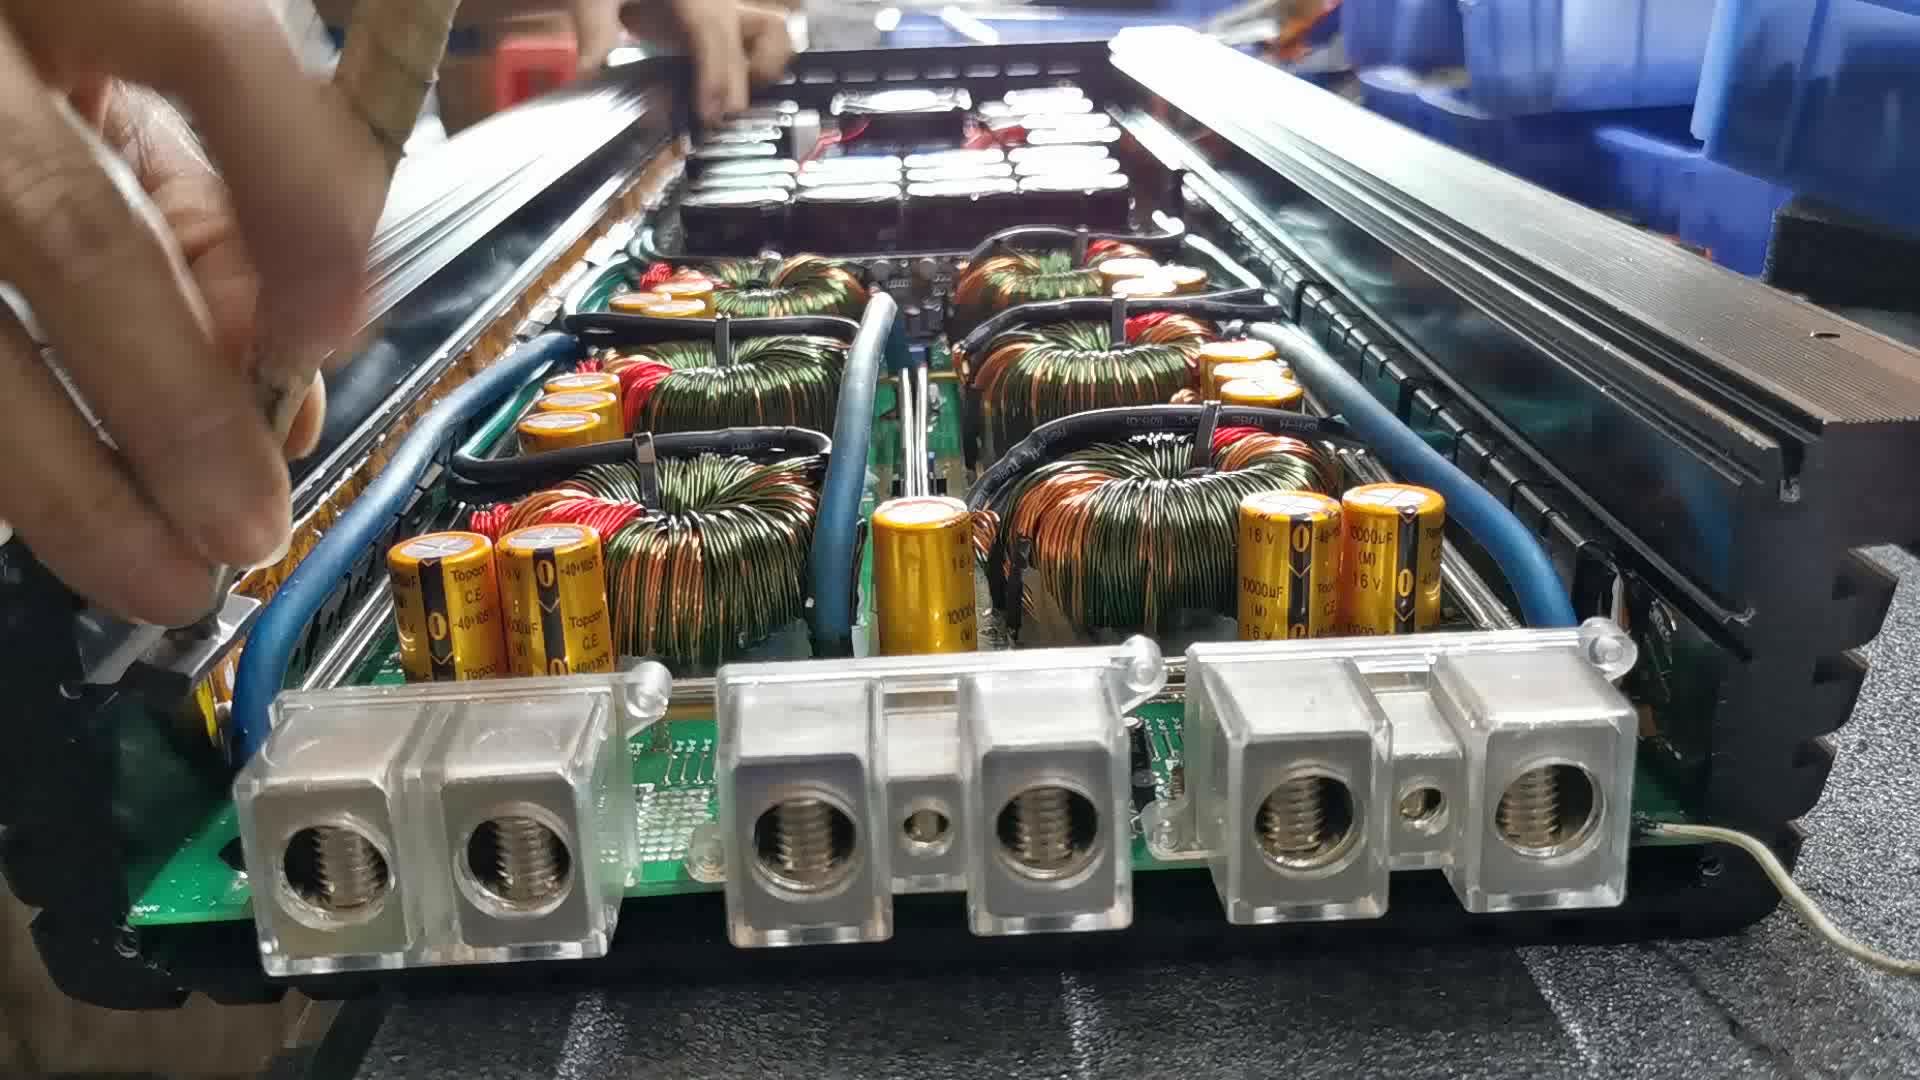 पेशेवर कार ऑडियो एम्पलीफायर 5500W प्रतियोगिता उच्च शक्ति कारों एम्पलीफायर मोनो ब्लॉक कक्षा डी